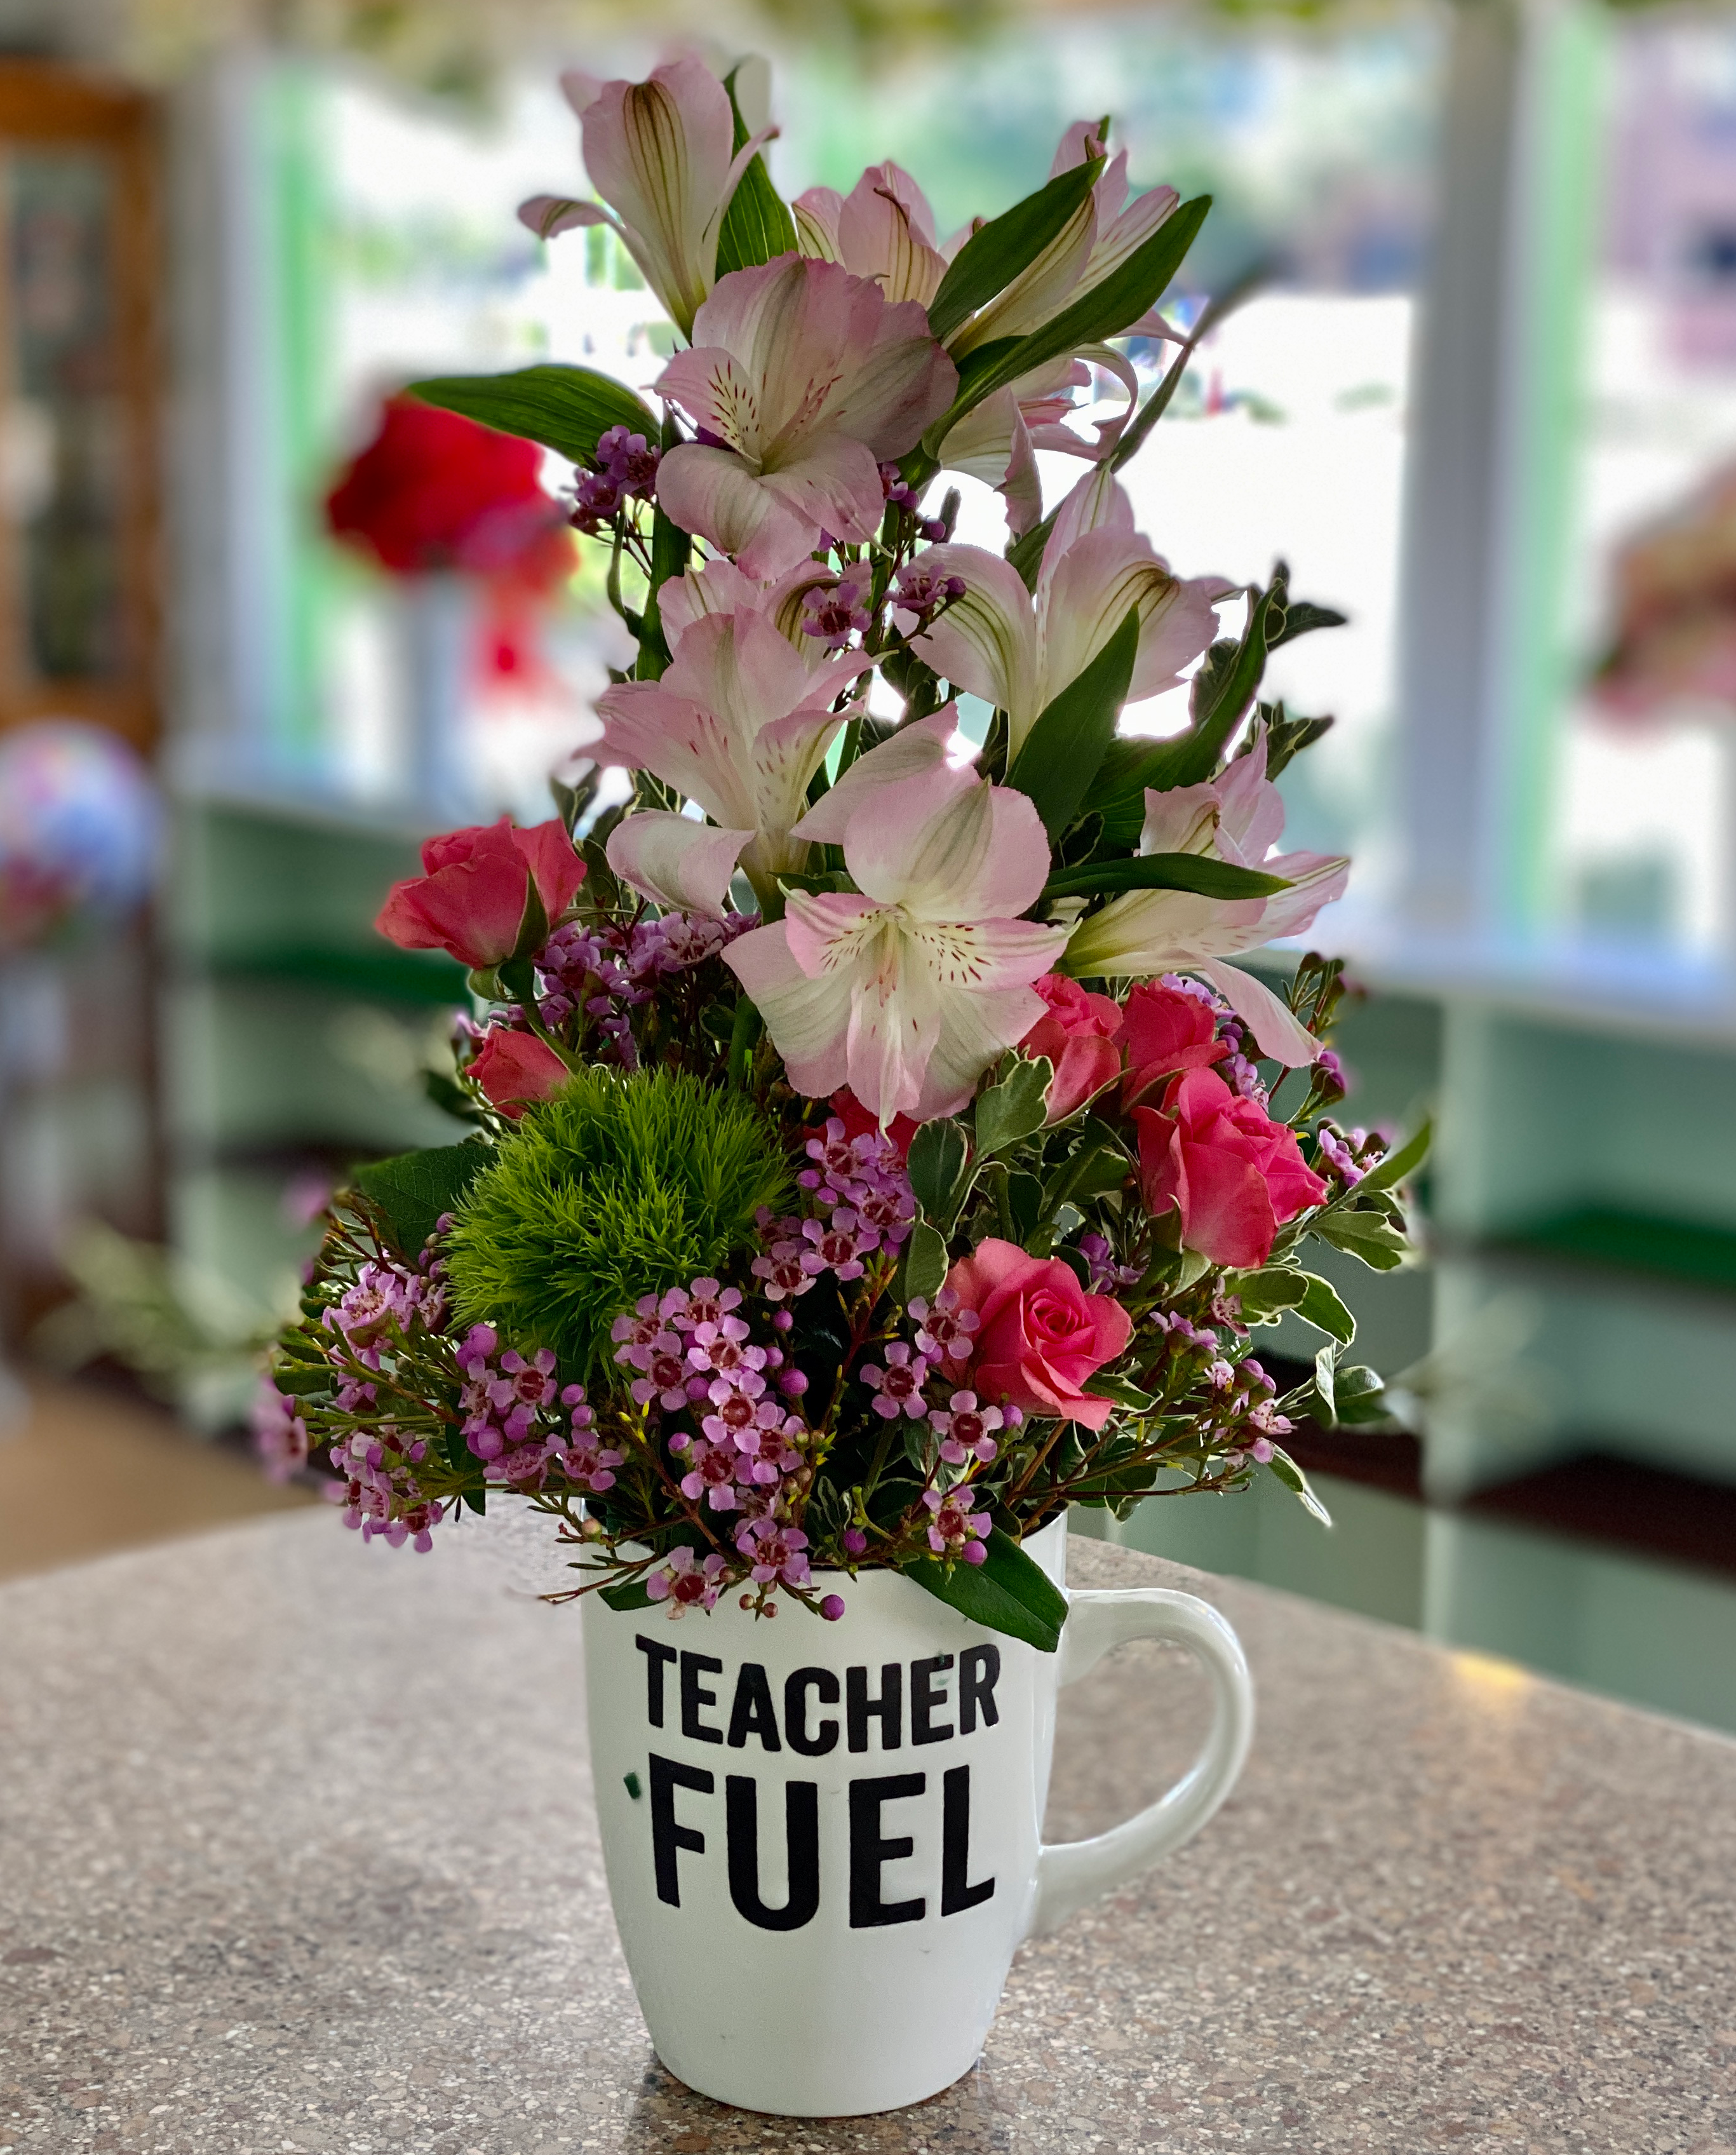 Teacher Fuel mug bouquet